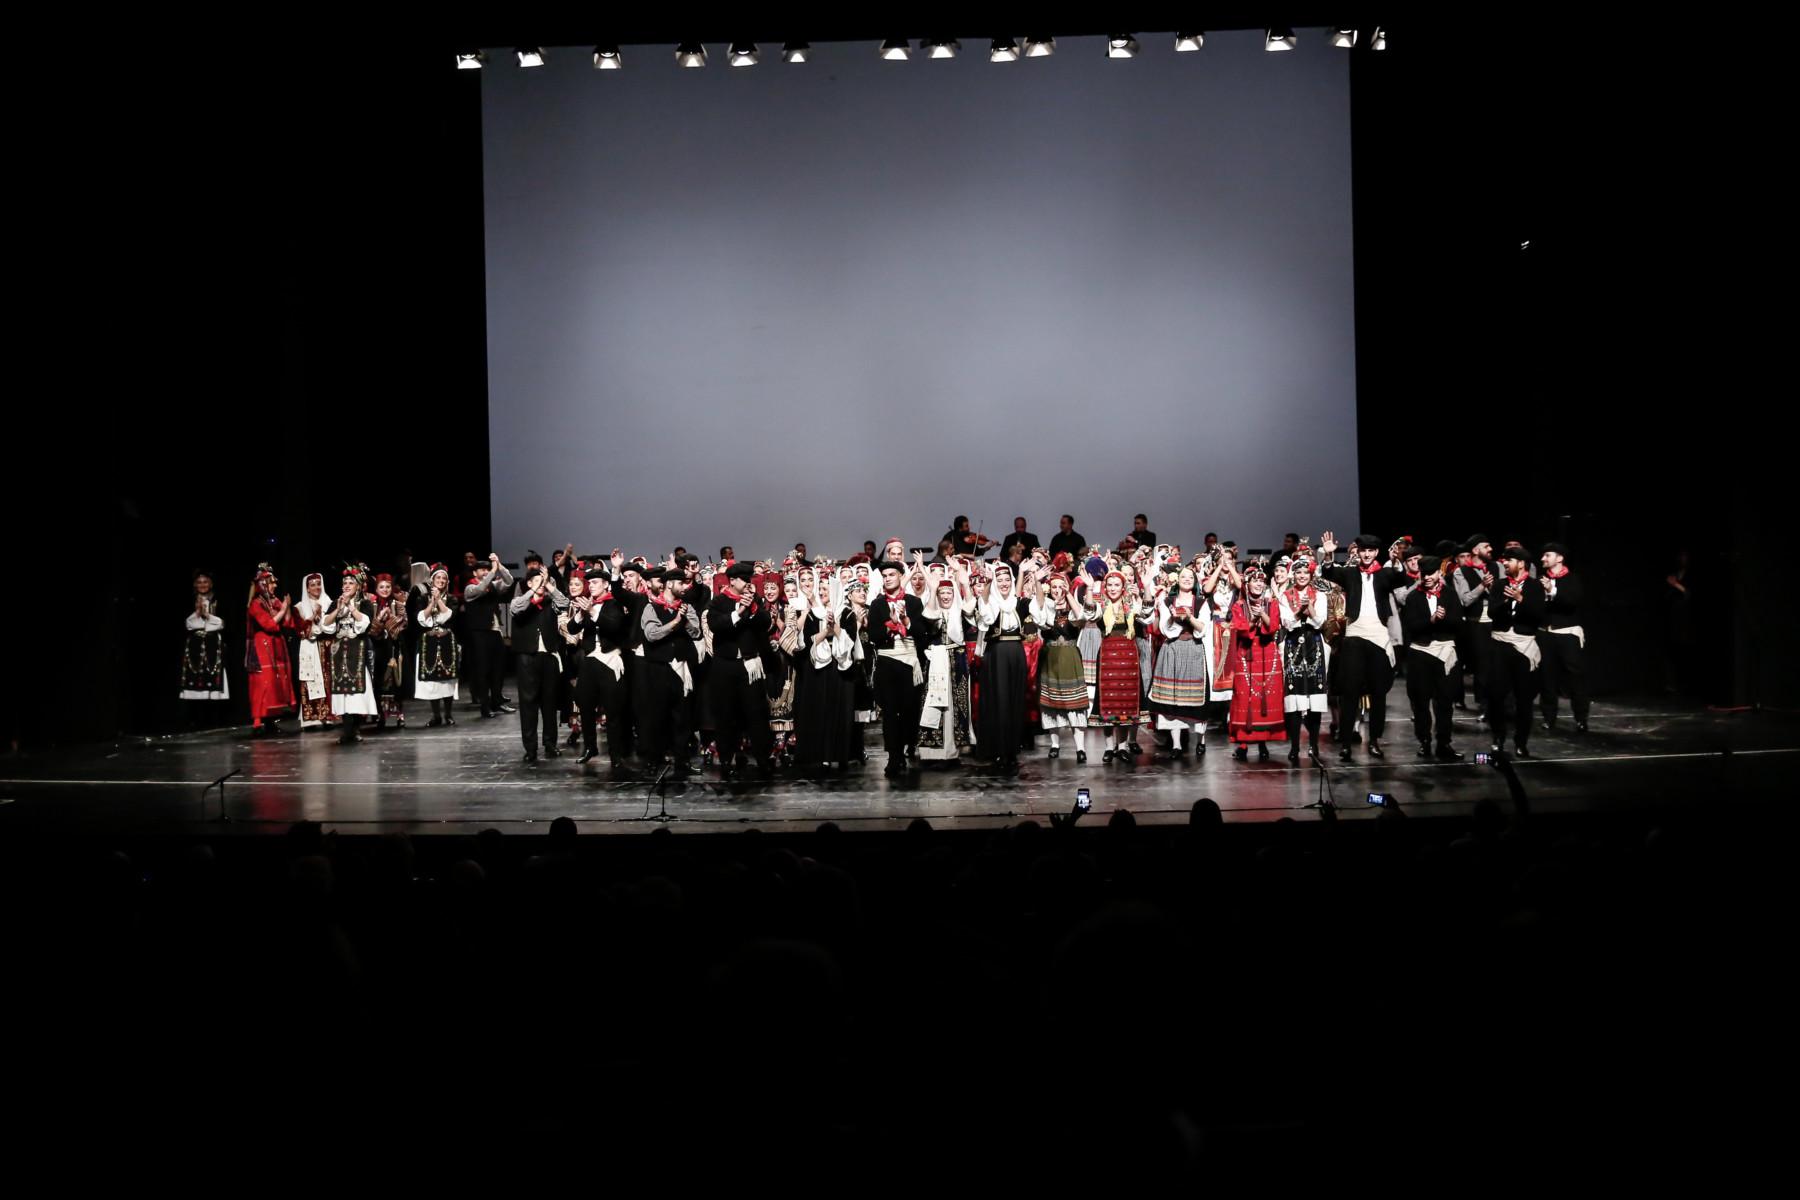 Από την κορυφαία παράσταση του Λυκείου Ελληνίδων Λάρισας στο Μέγαρο Μουσικής Αθηνών